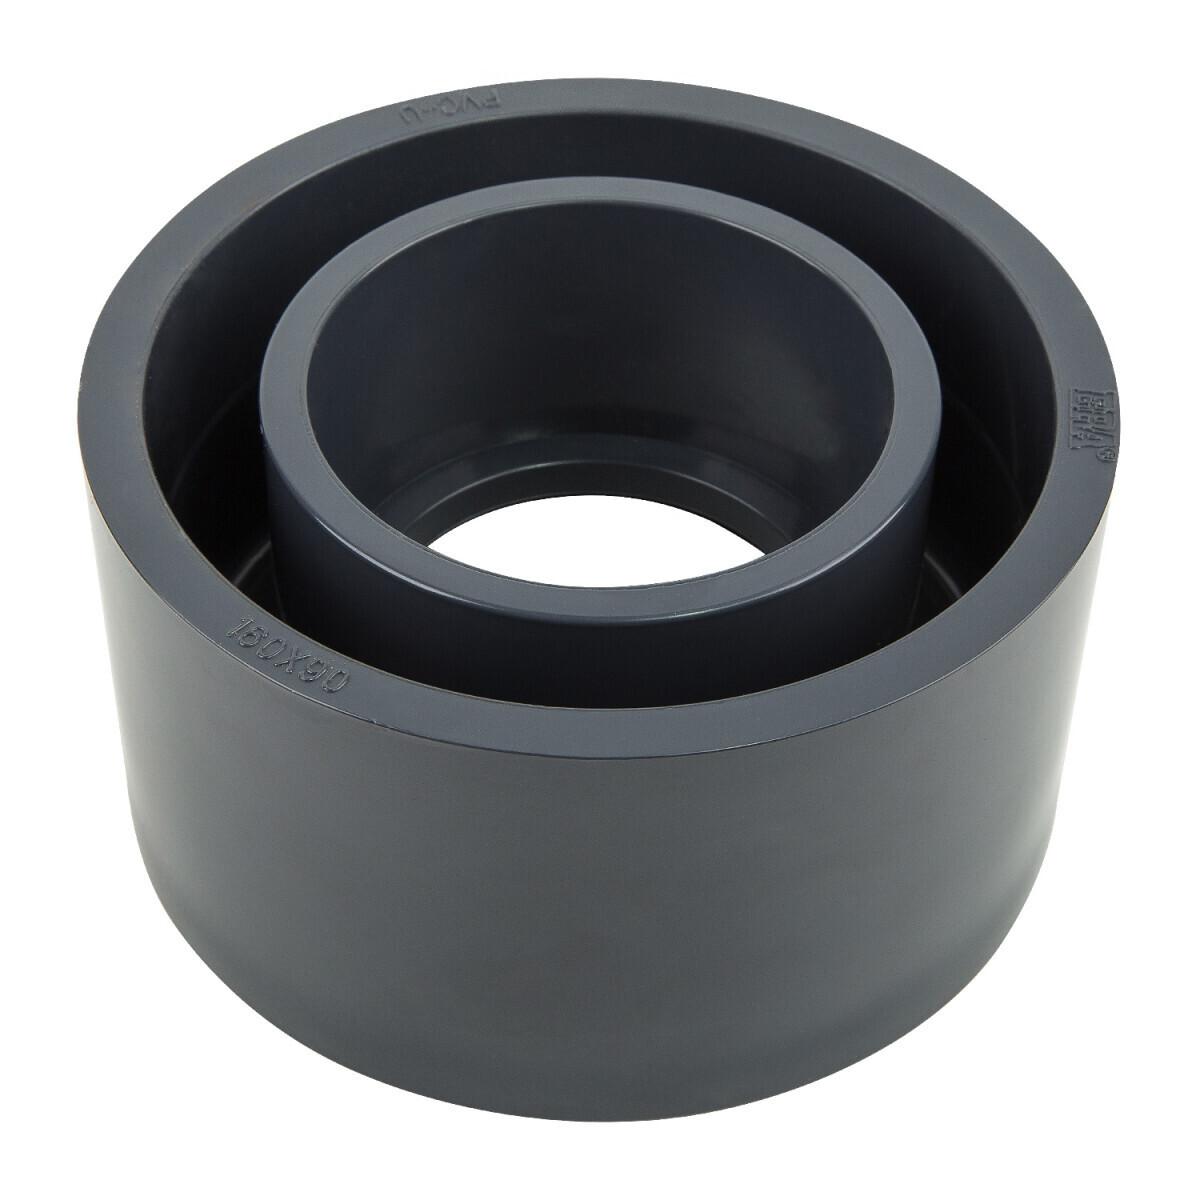 Редукційний кільце ПВХ ERA 250х160 мм